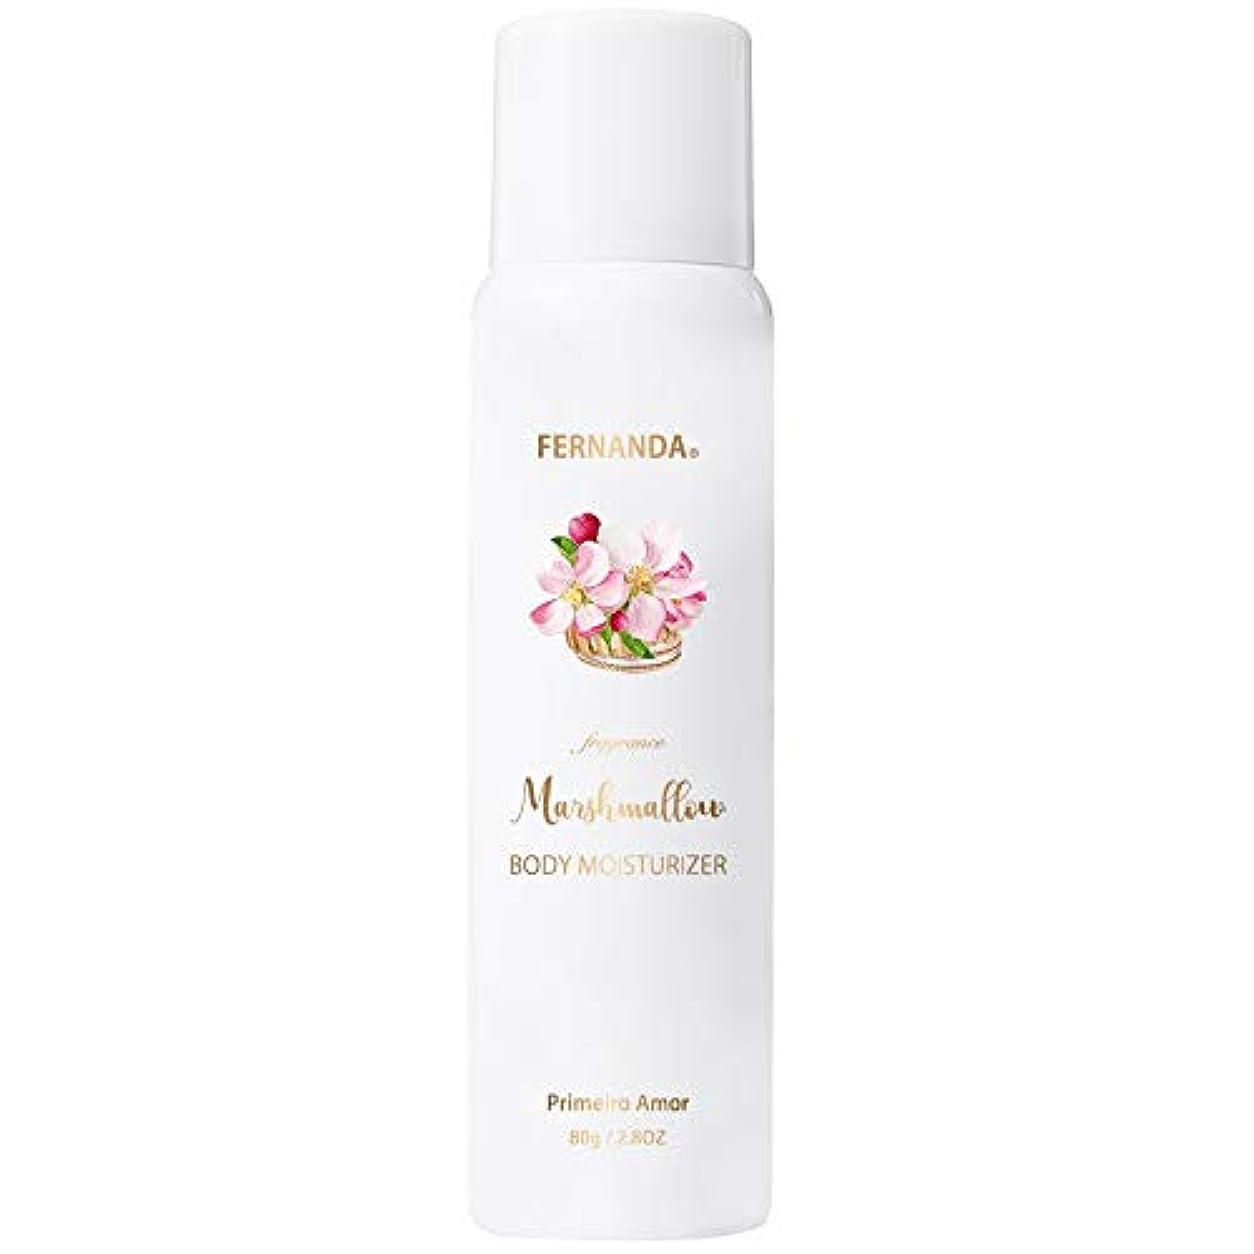 将来のタック赤面FERNANDA(フェルナンダ) Marshmallow Body Moisturizer Primeiro Amor (マシュマロ ボディ モイスチャライザー プリメイロアモール)